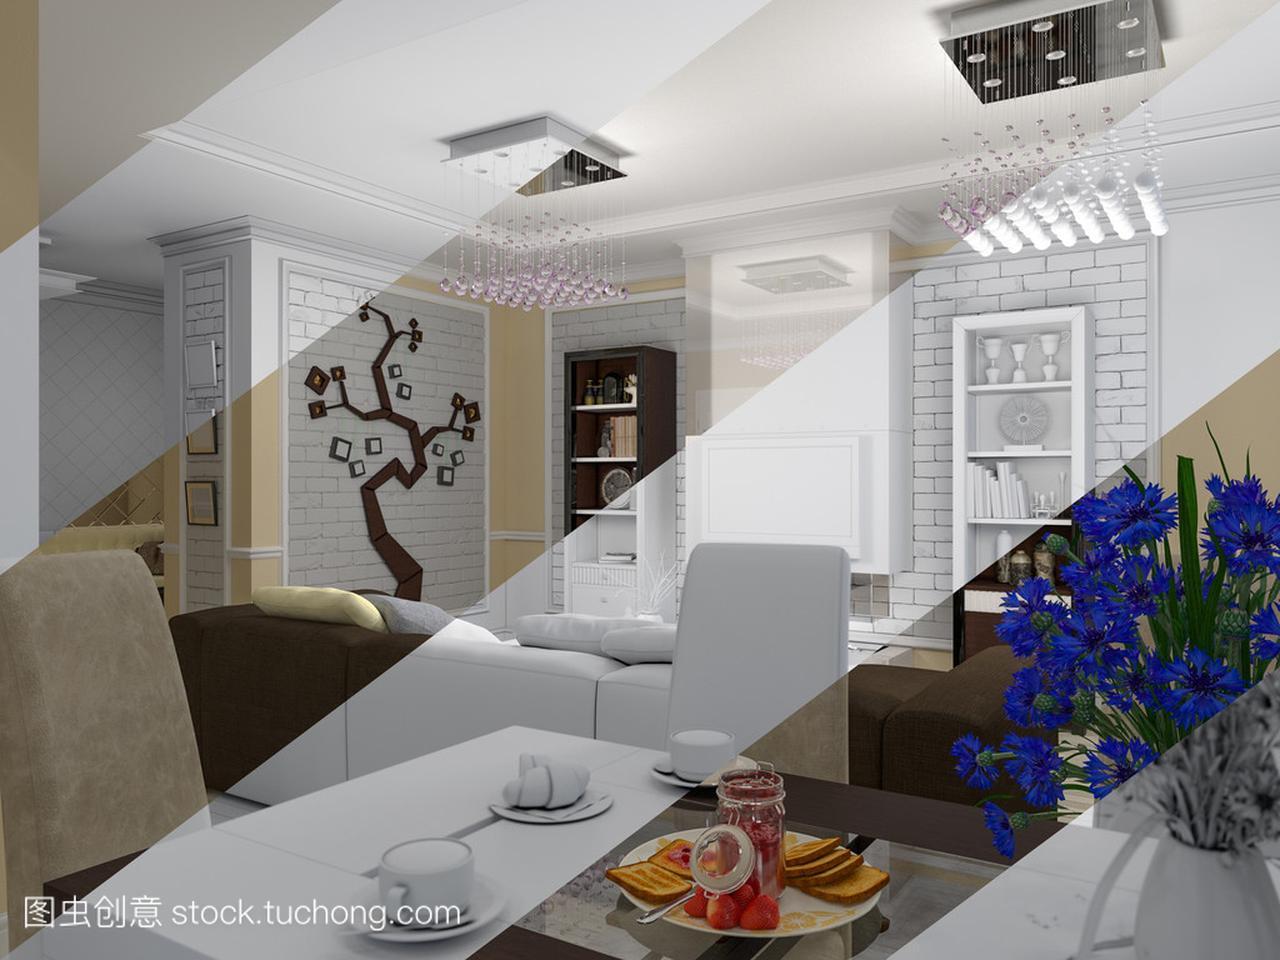 客厅室内设计的经典,现代风格的3d渲染小阳台设计装修效果图图片